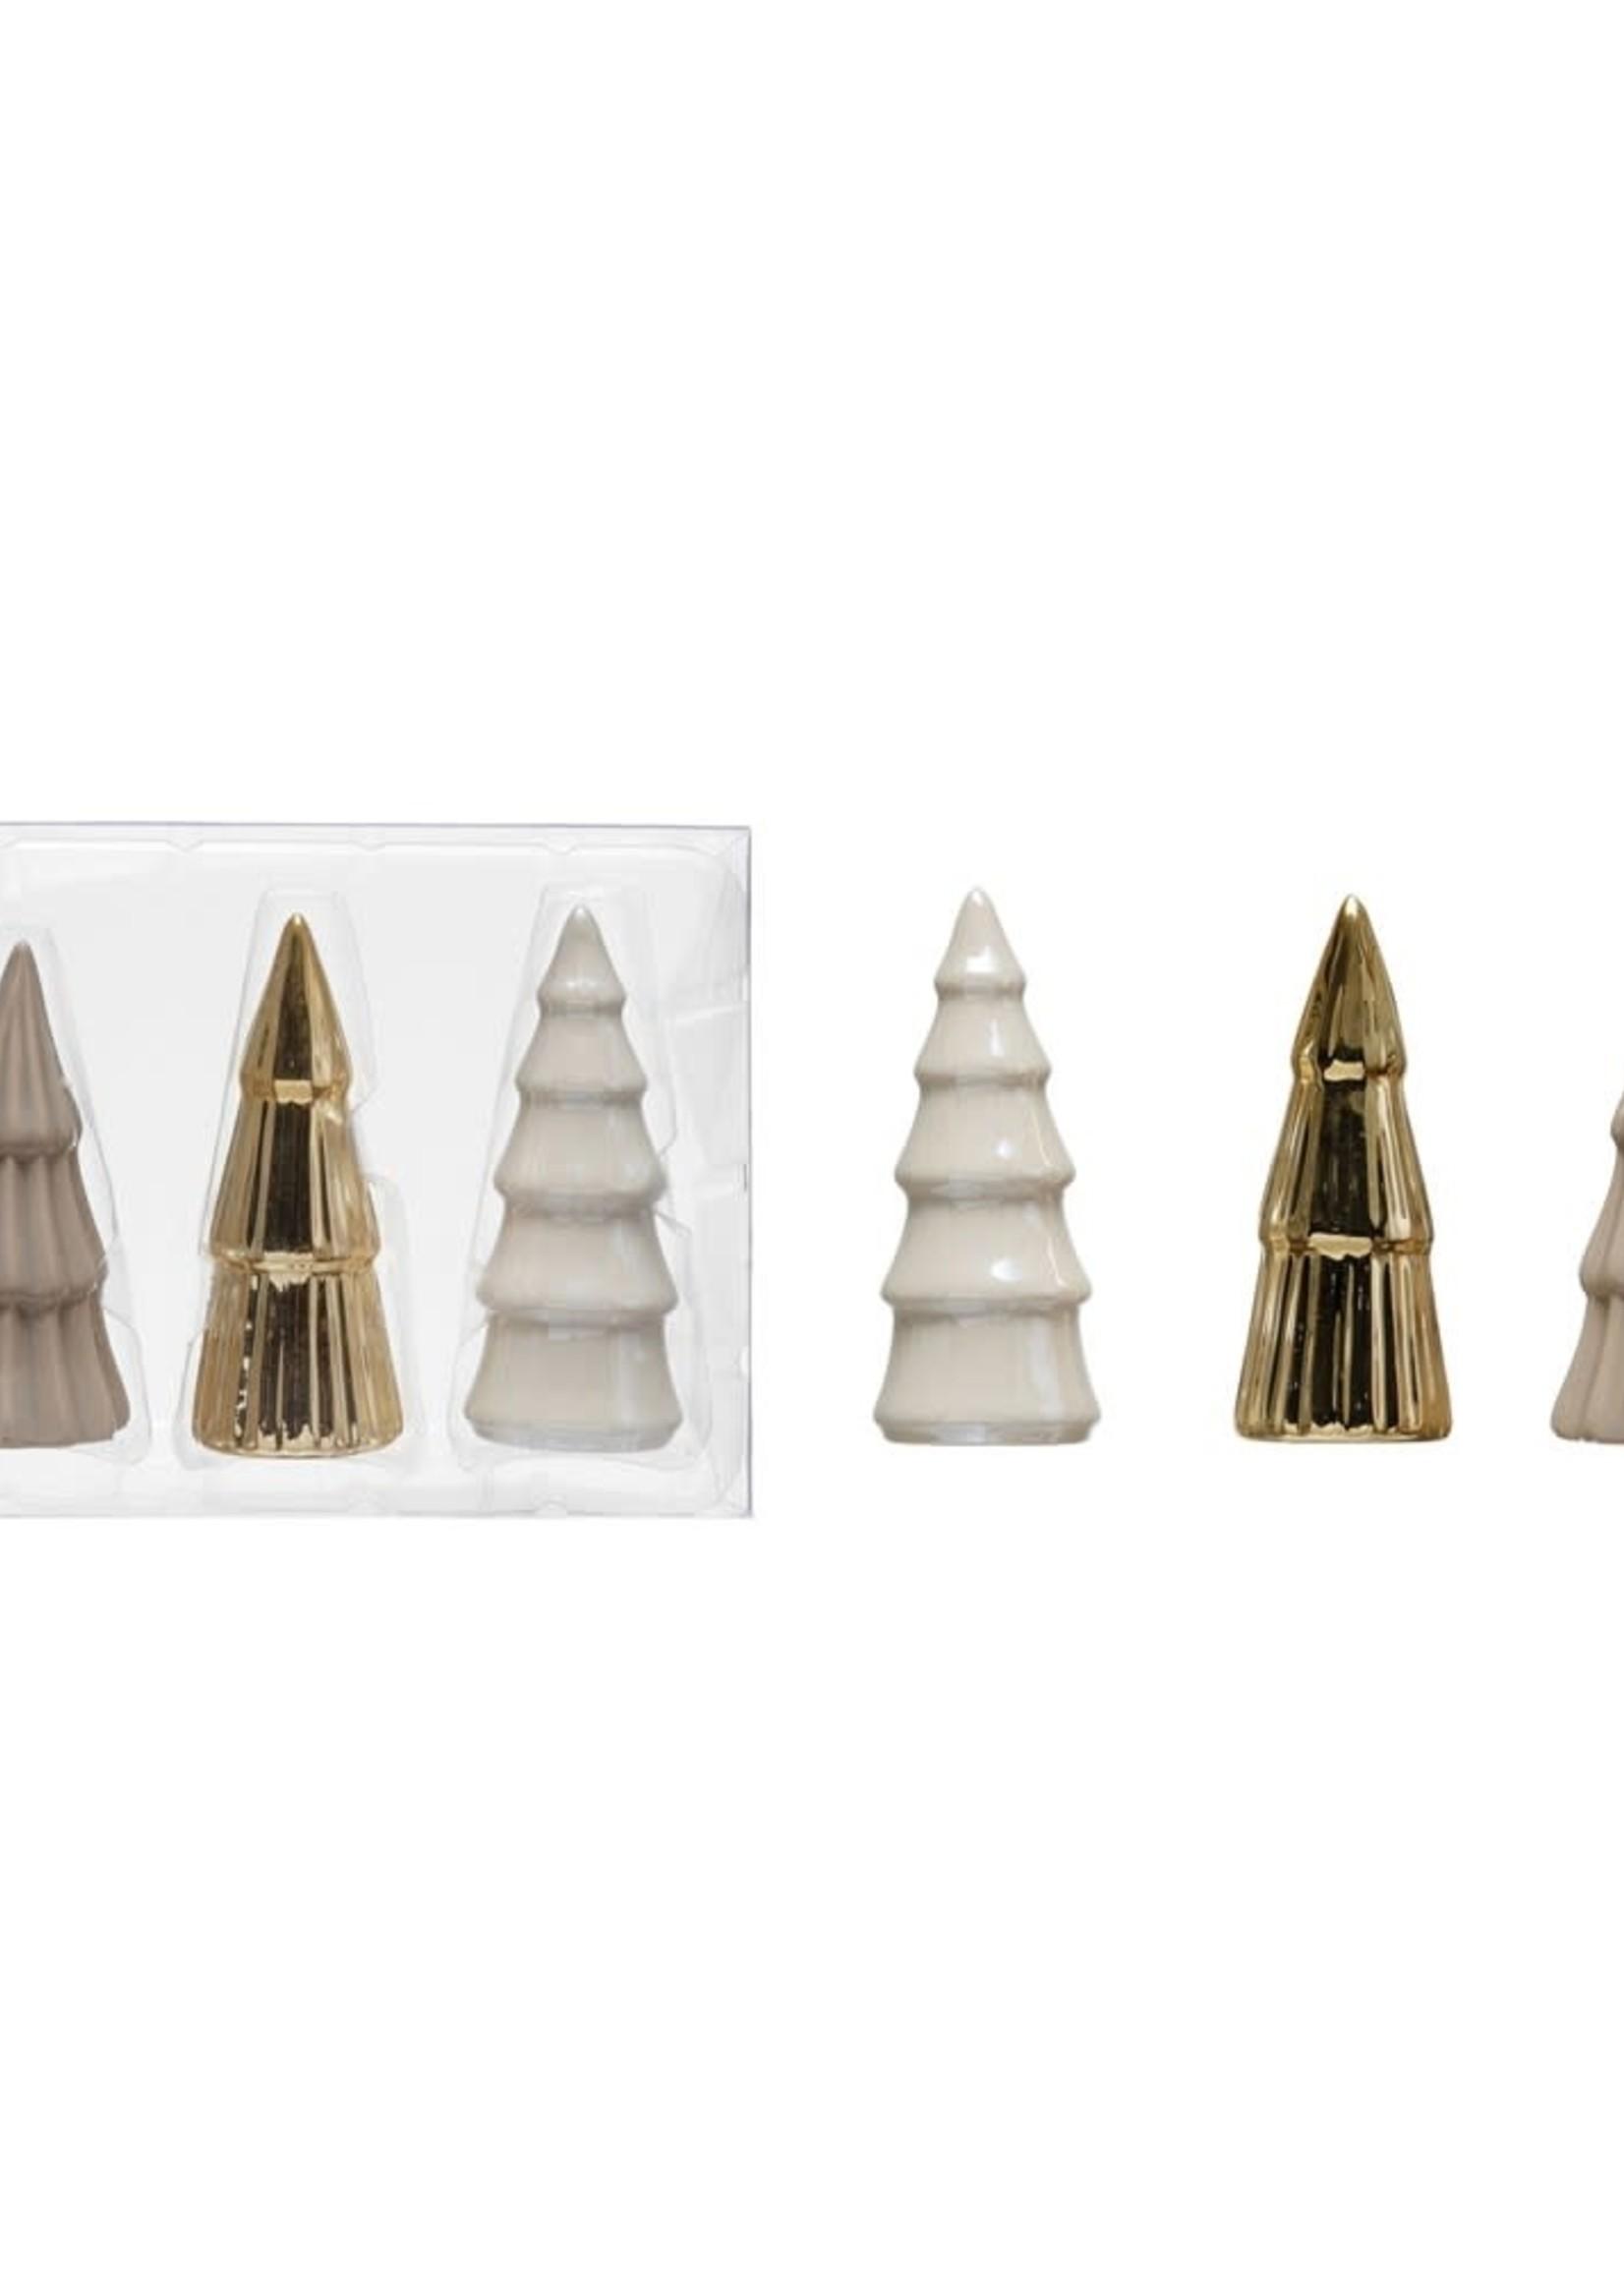 """1-1/2"""" Round x 3-1/4""""H Stoneware Trees, Grey, Gold & White, Boxed Set of 3"""